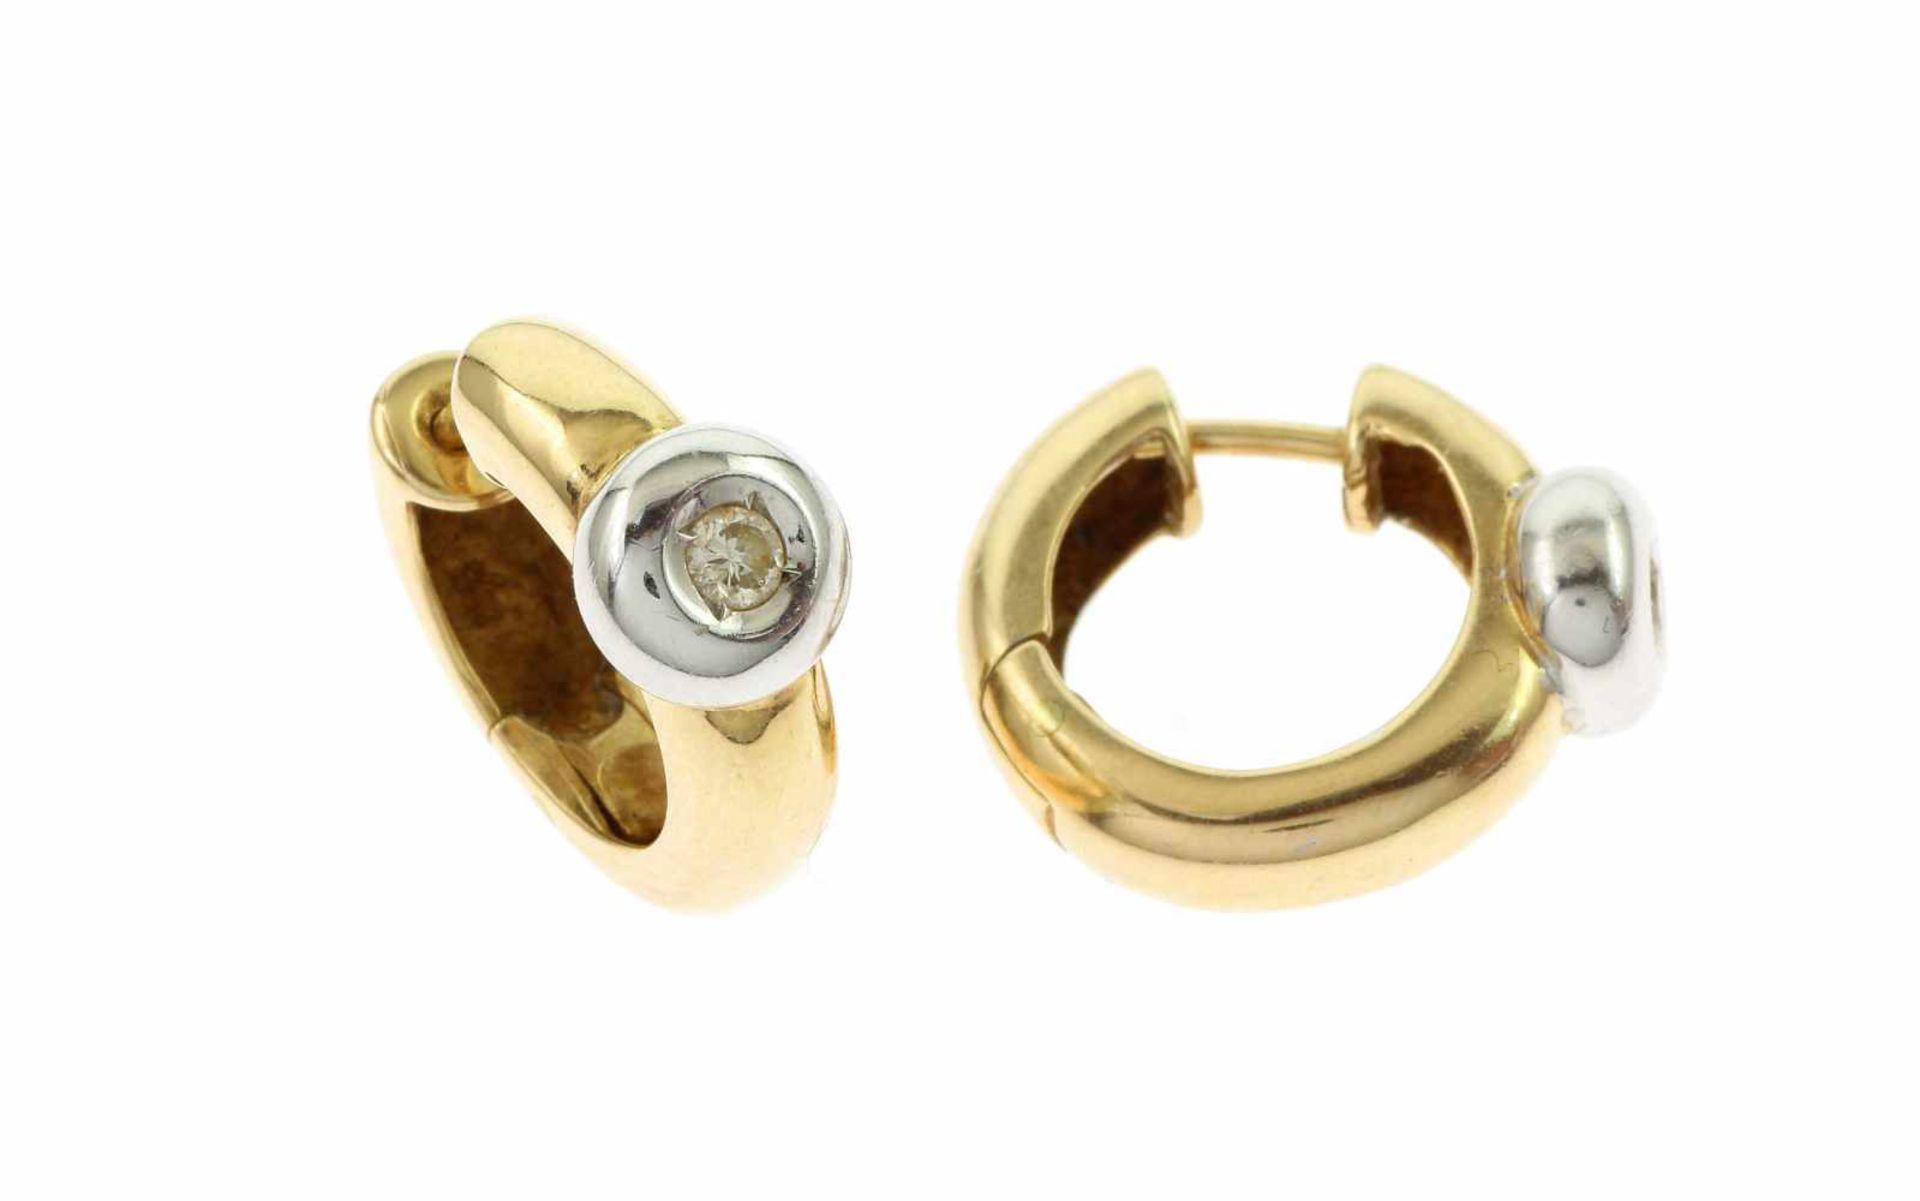 CreolenCreolen 585/- Gelbgold und Weißgold mit Diamanten, Länge ca. 19,70 mm, ca. 0,10 ct, G/si, 7,